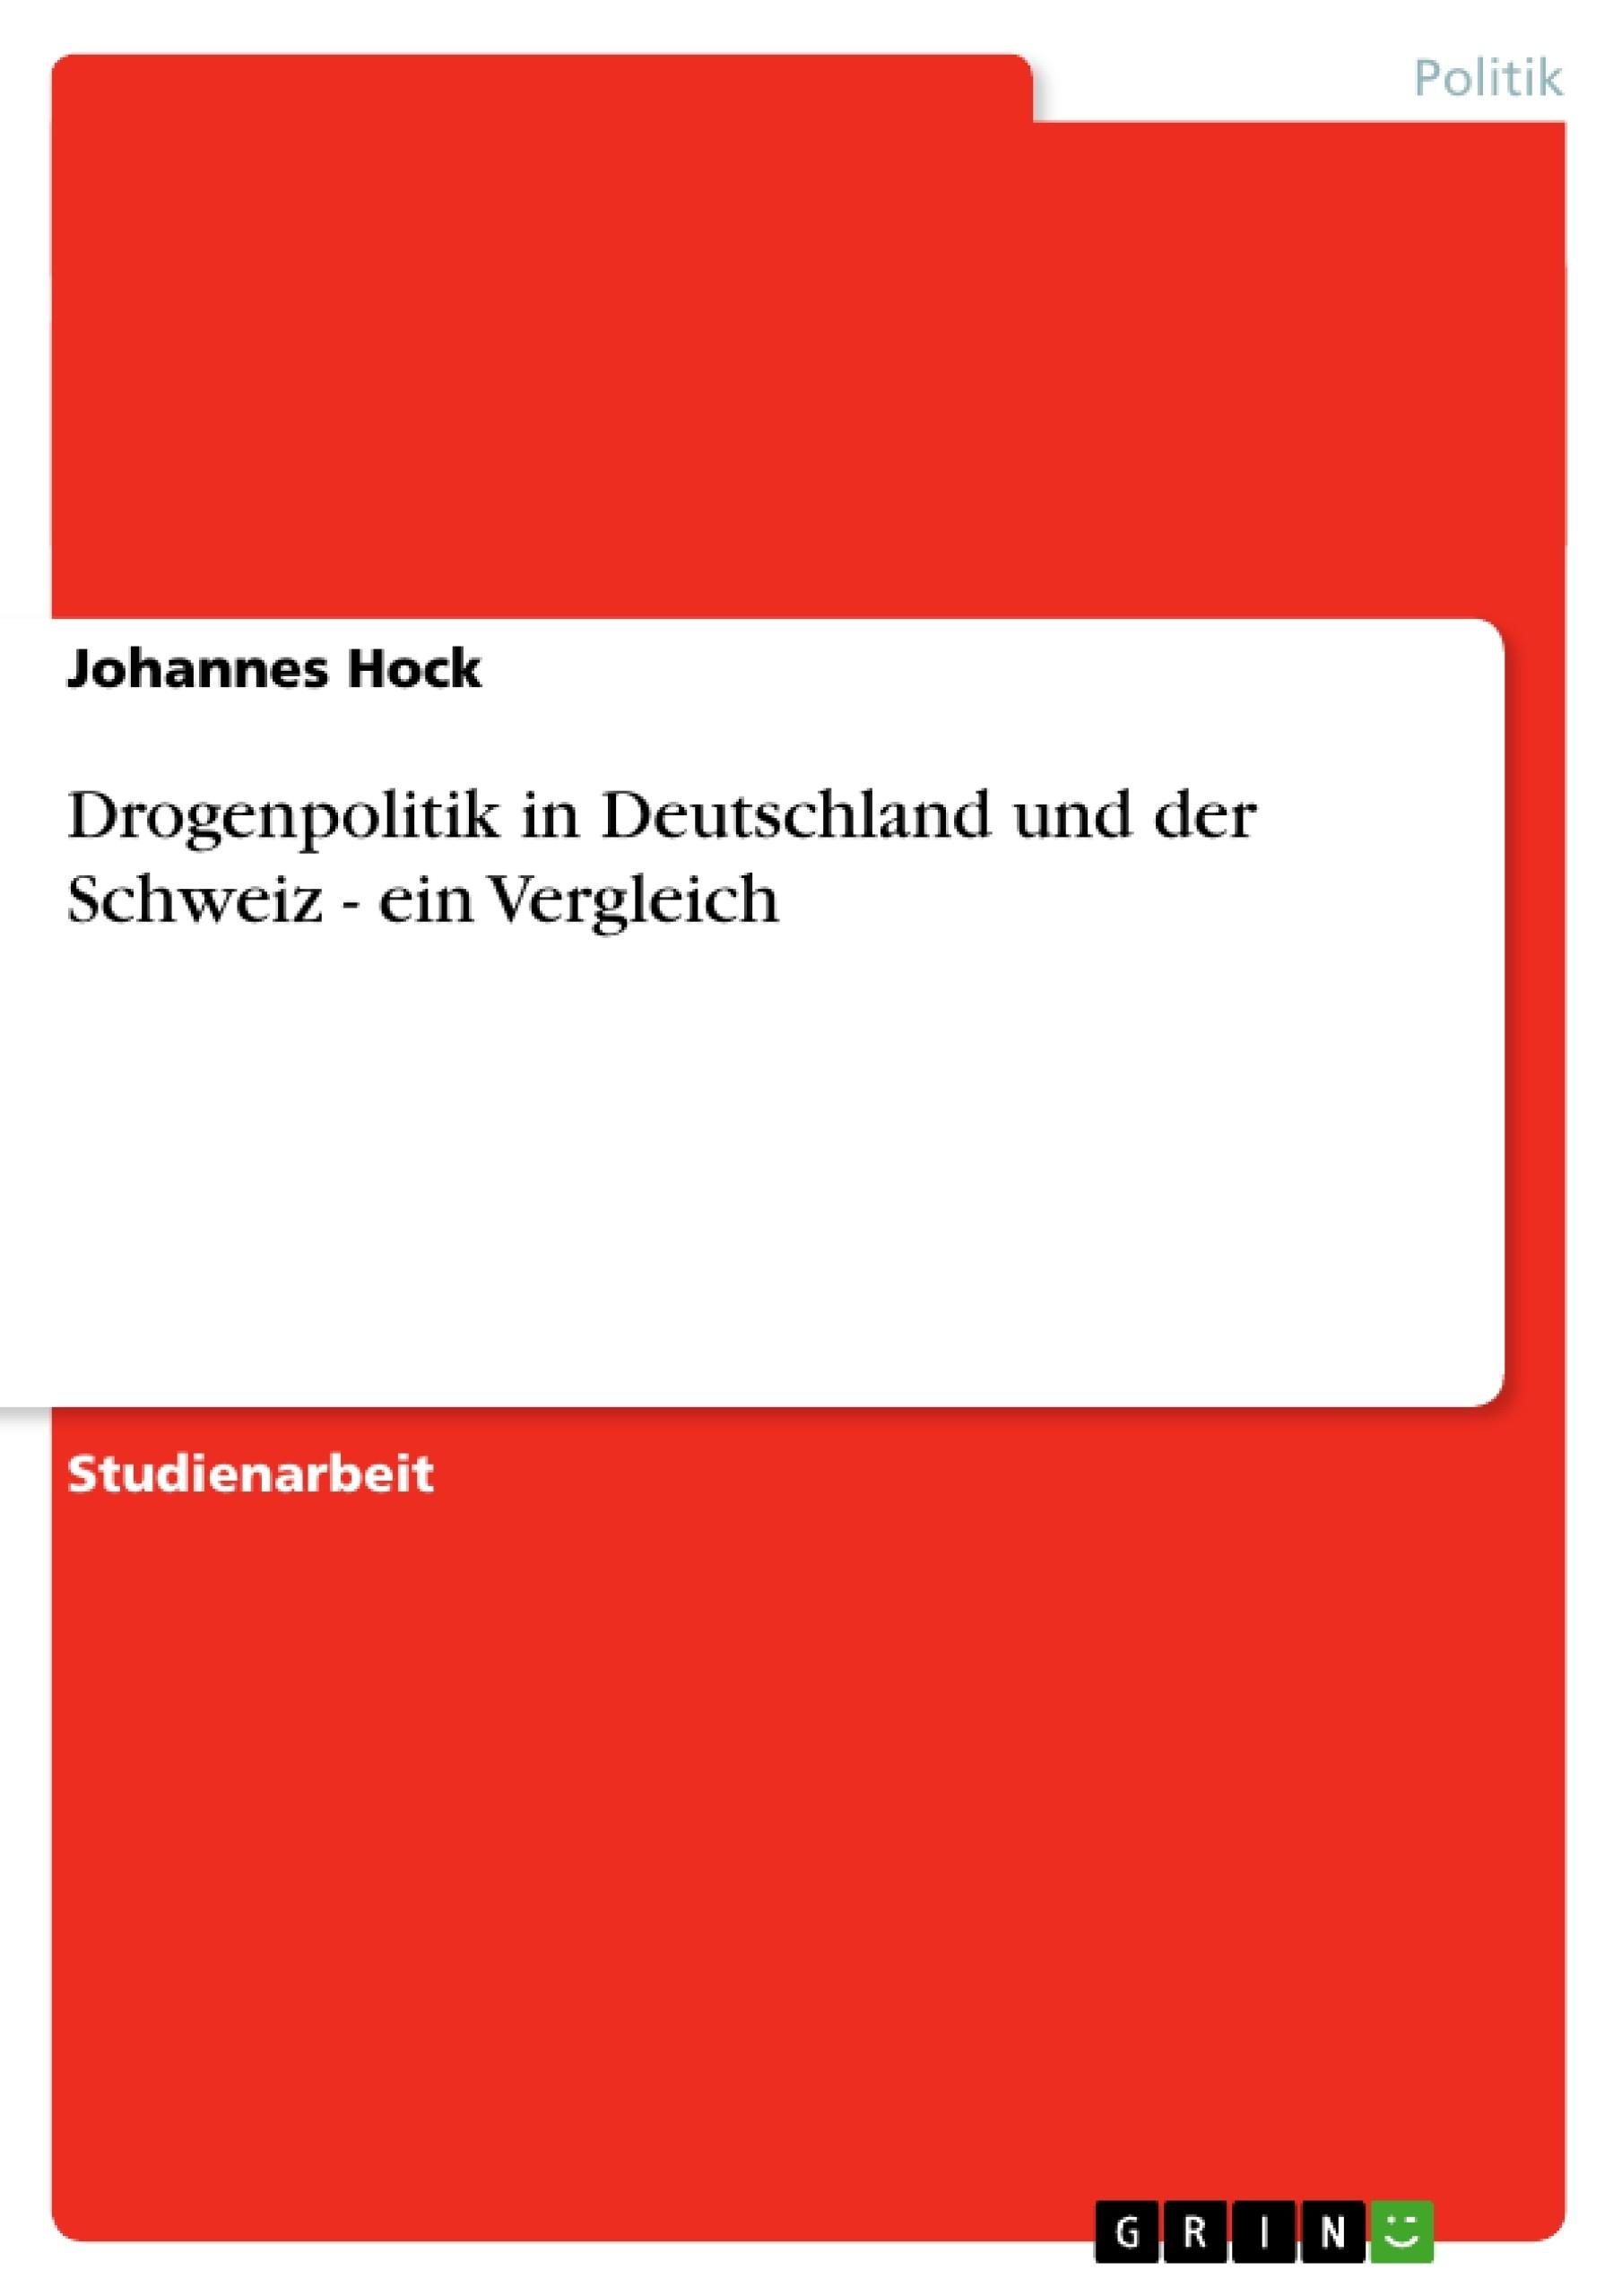 Titel: Drogenpolitik in Deutschland und der Schweiz - ein Vergleich